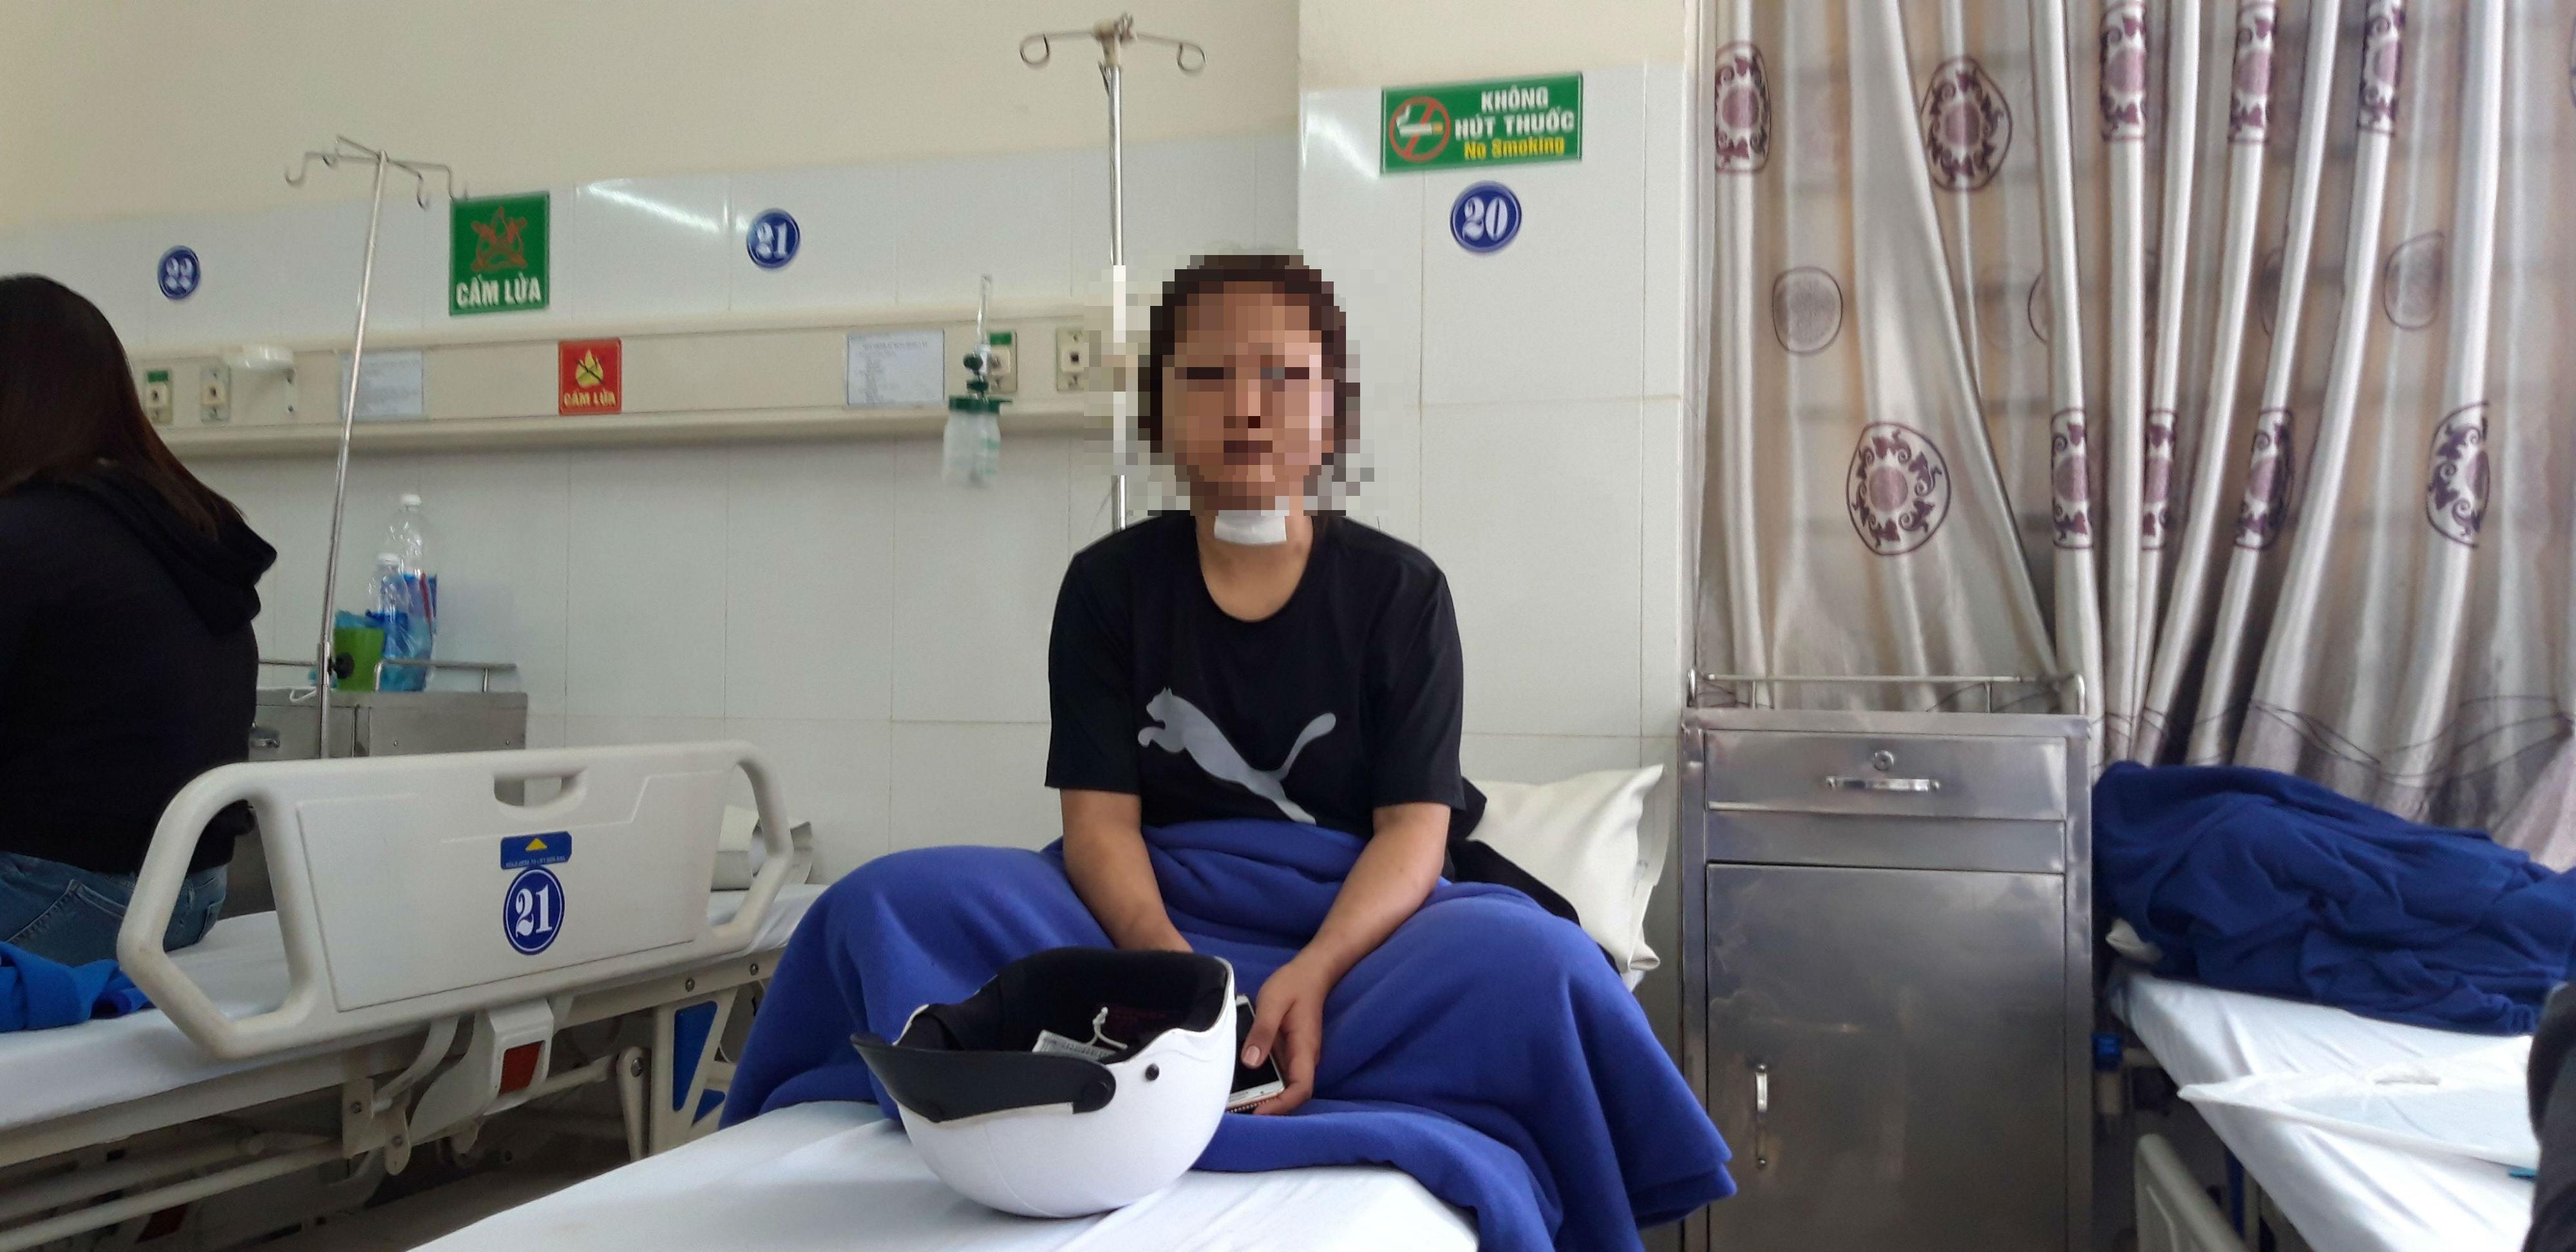 Lời kể đau đớn của mẹ thiếu nữ tra tấn dã man sau khi nhận tin nhắn